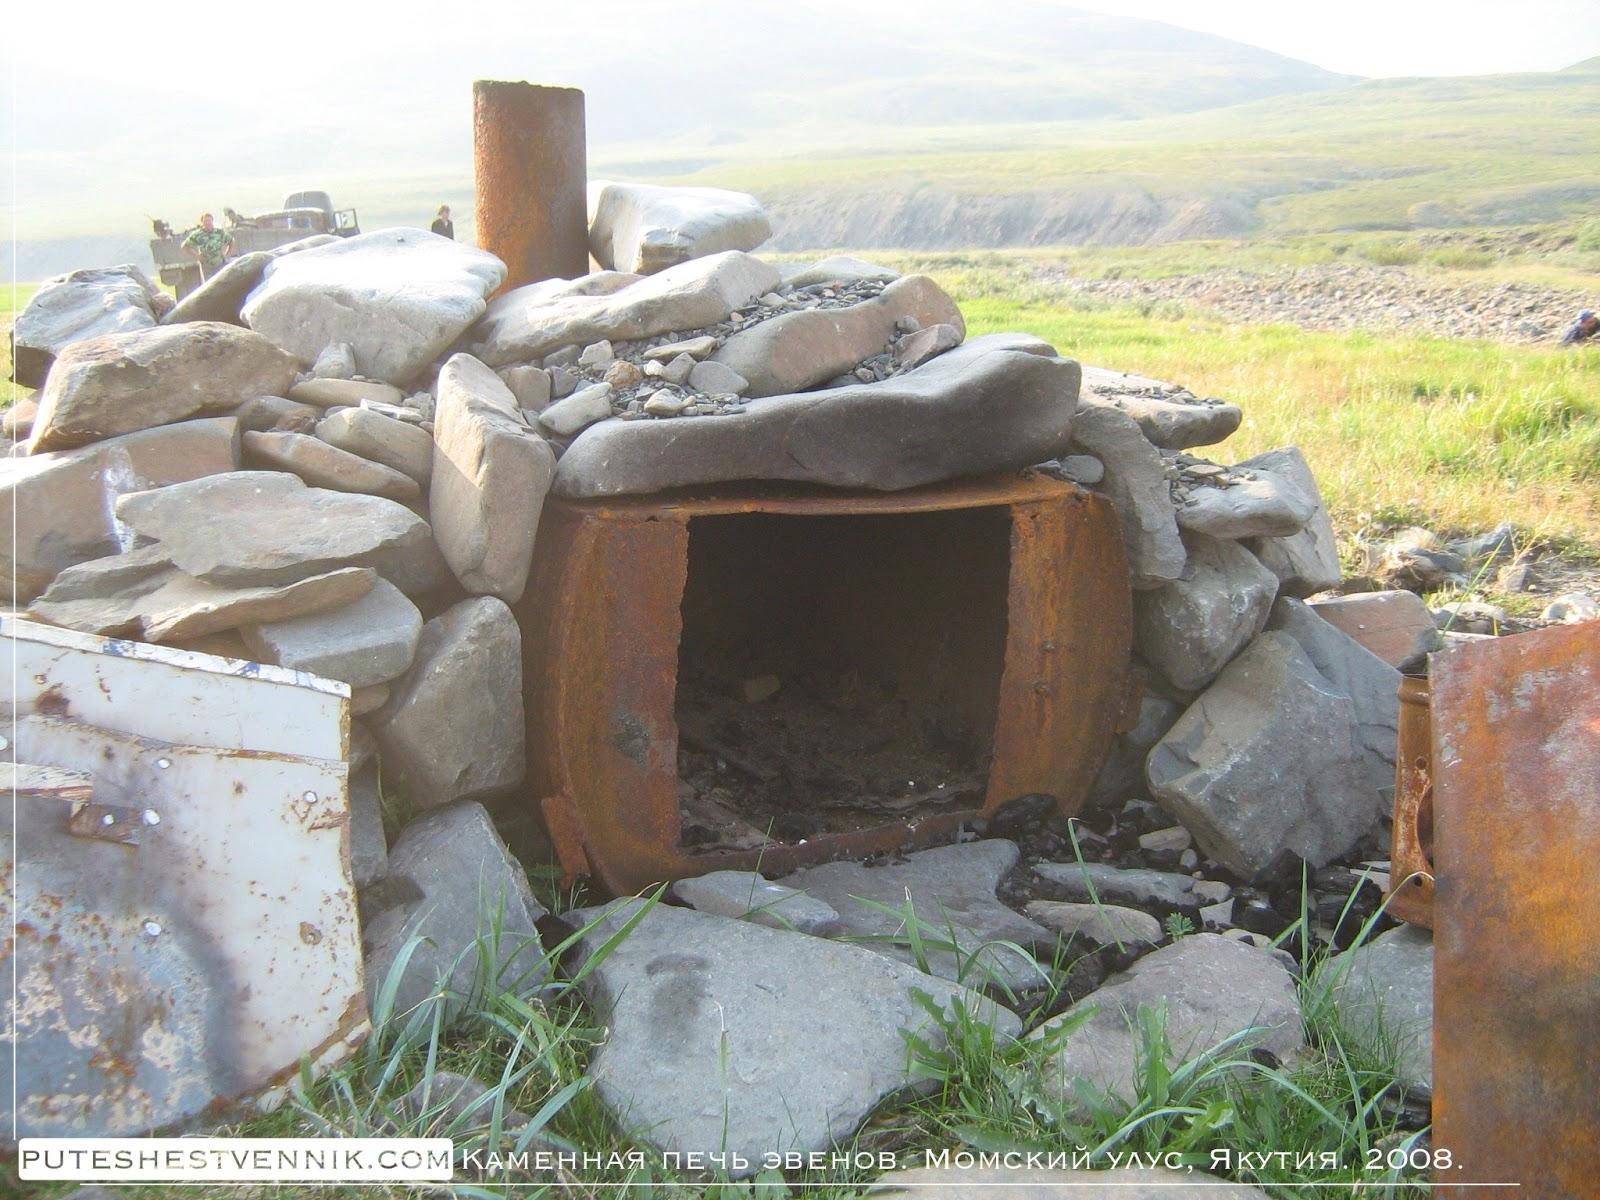 Традиционная печь эвенов